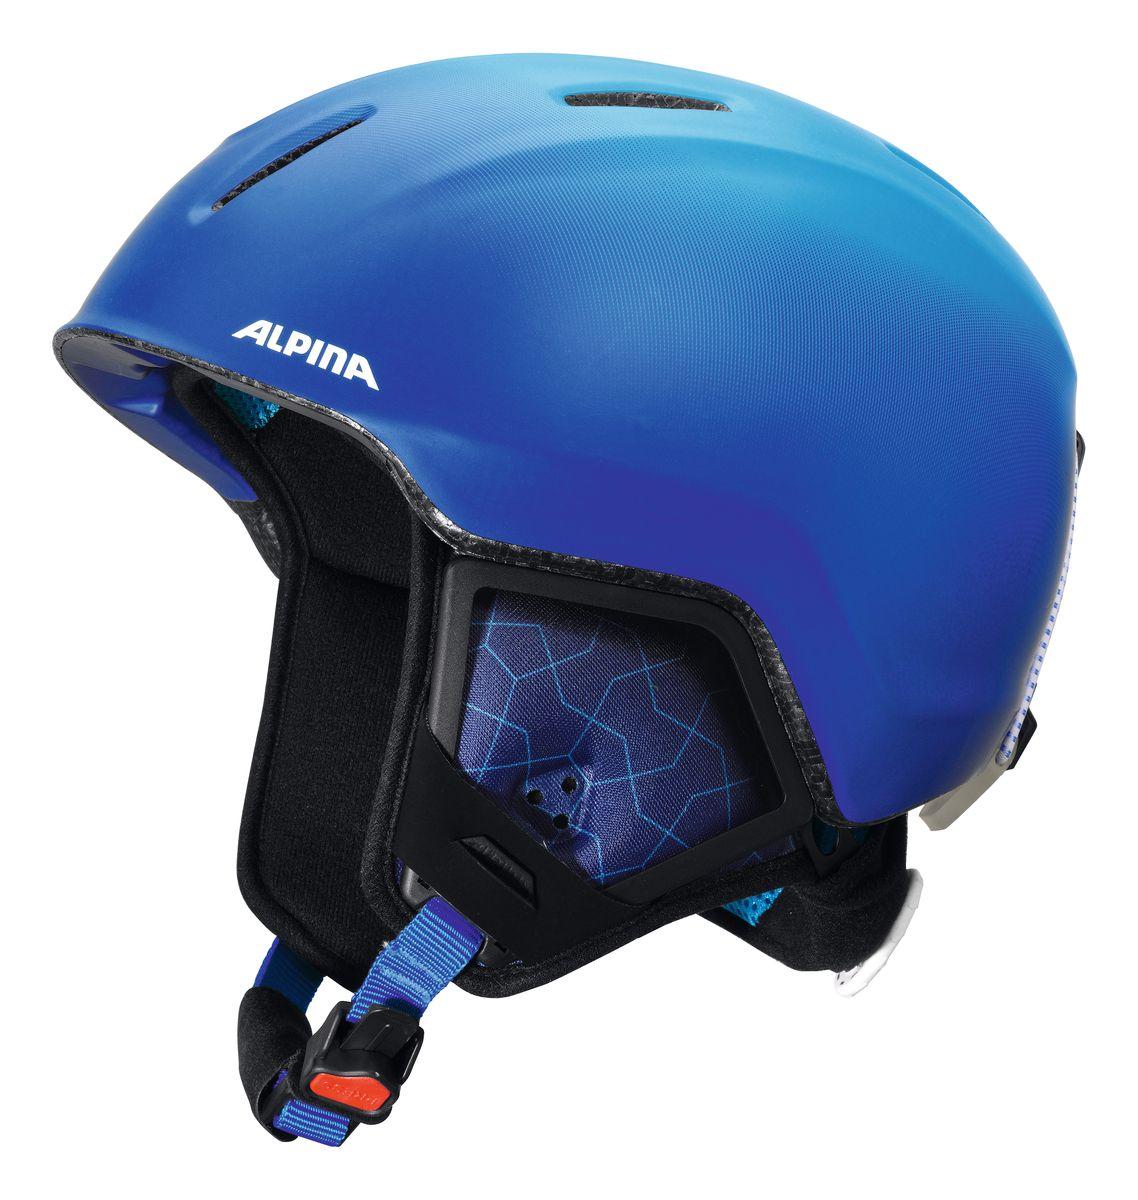 Шлем зимний Alpina Carat Xt, цвет: синий. Размер 51-55. 9080_819080_81Особенности: • Вентиляционные отверстия препятствуют перегреву и позволяют поддерживать идеальную температуру внутри шлема. Для этого инженеры Alpina используют эффект Вентури, чтобы сделать циркуляцию воздуха постоянной и максимально эффективной. • Внутренник шлема легко вынимается, стирается, сушится и вставляется обратно. • Из задней части шлема можно достать шейный утеплитель из мякого микро-флиса. Этот теплый воротник также защищает шею от ударов на высокой скорости и при сибирских морозах. В удобной конструкции отсутствуют точки давления на шею. • Прочная и лёгкая конструкция In-mold Inmould - технология, при которой внутренняя оболочка из EPS (вспененного полистирола) покрыта поликарбонатом. Внешняя тонкая жесткая оболочка призвана распределить энергию от удара по всей площади шлема, защитить внутреннюю часть от проникновения острых осколков и сохранить ее форму. Внутренняя толстая мягкая оболочка демпфирует ударную энергию, предохраняя головной мозг от ударов. Такой шлем...